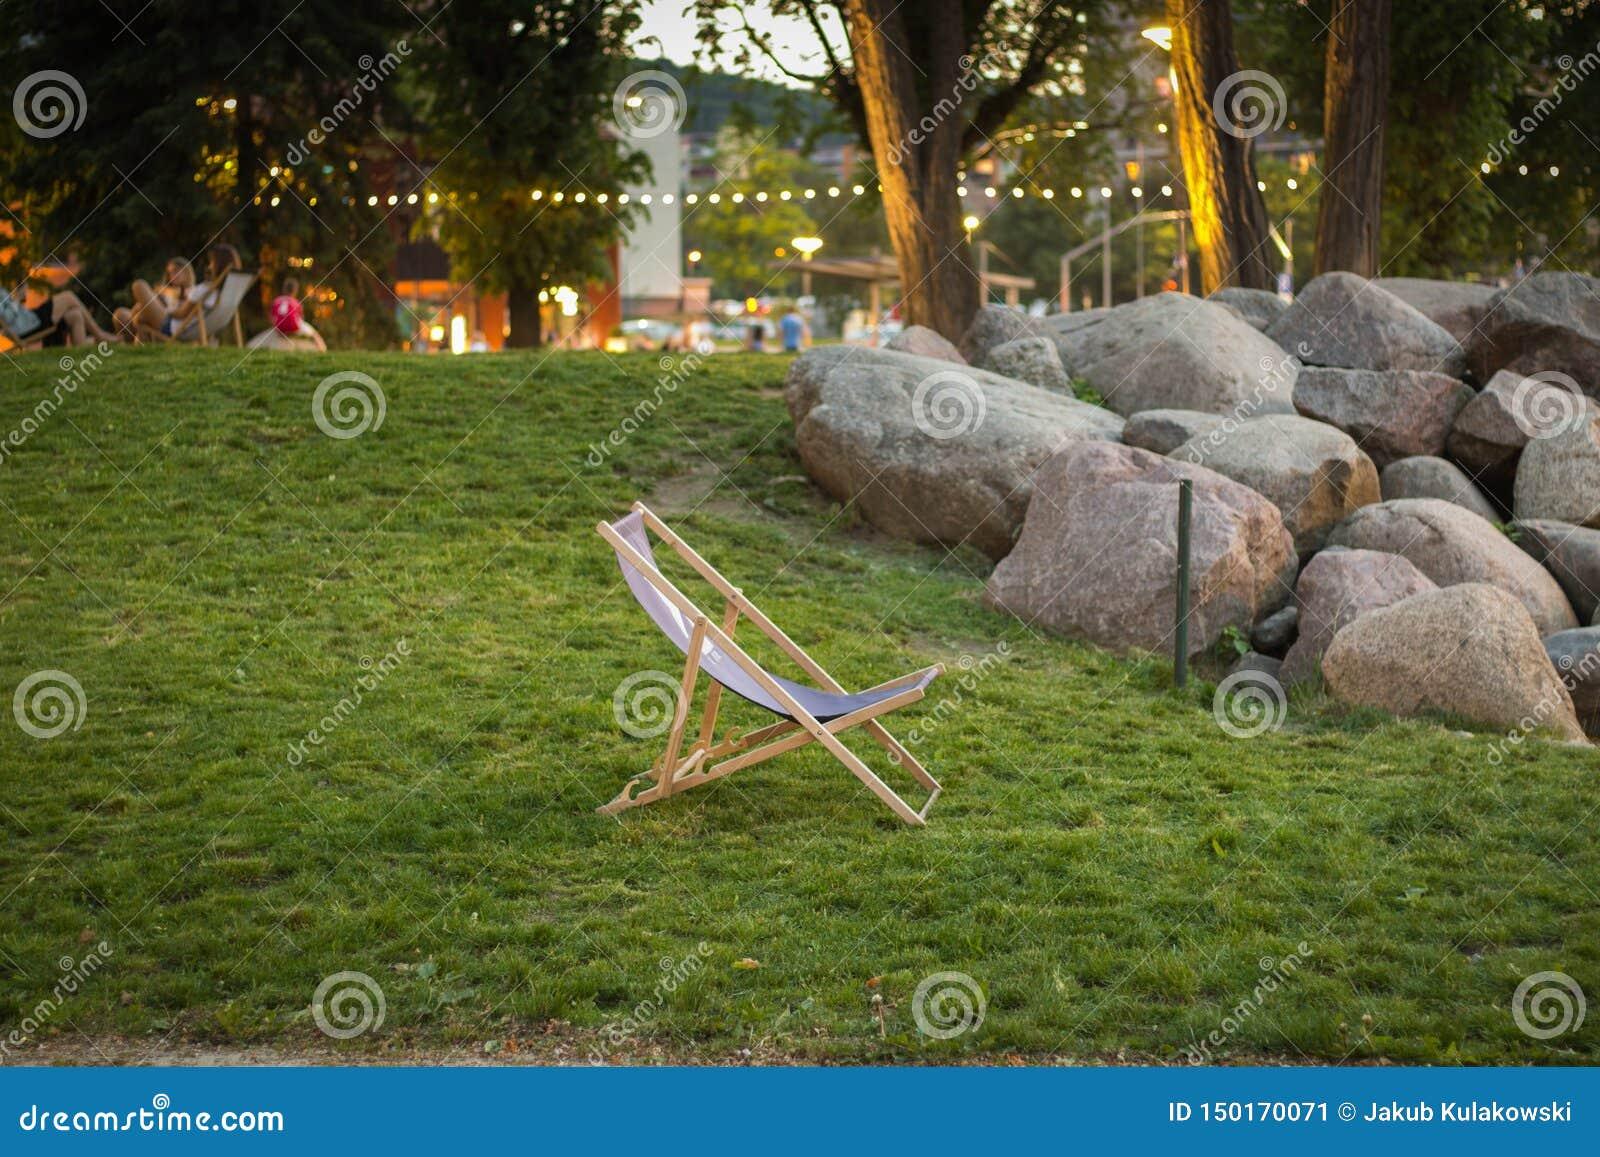 Положение шезлонга на зеленой траве на заходе солнца в Garnizon с утесами, деревьями и запачканными людьми на заднем плане